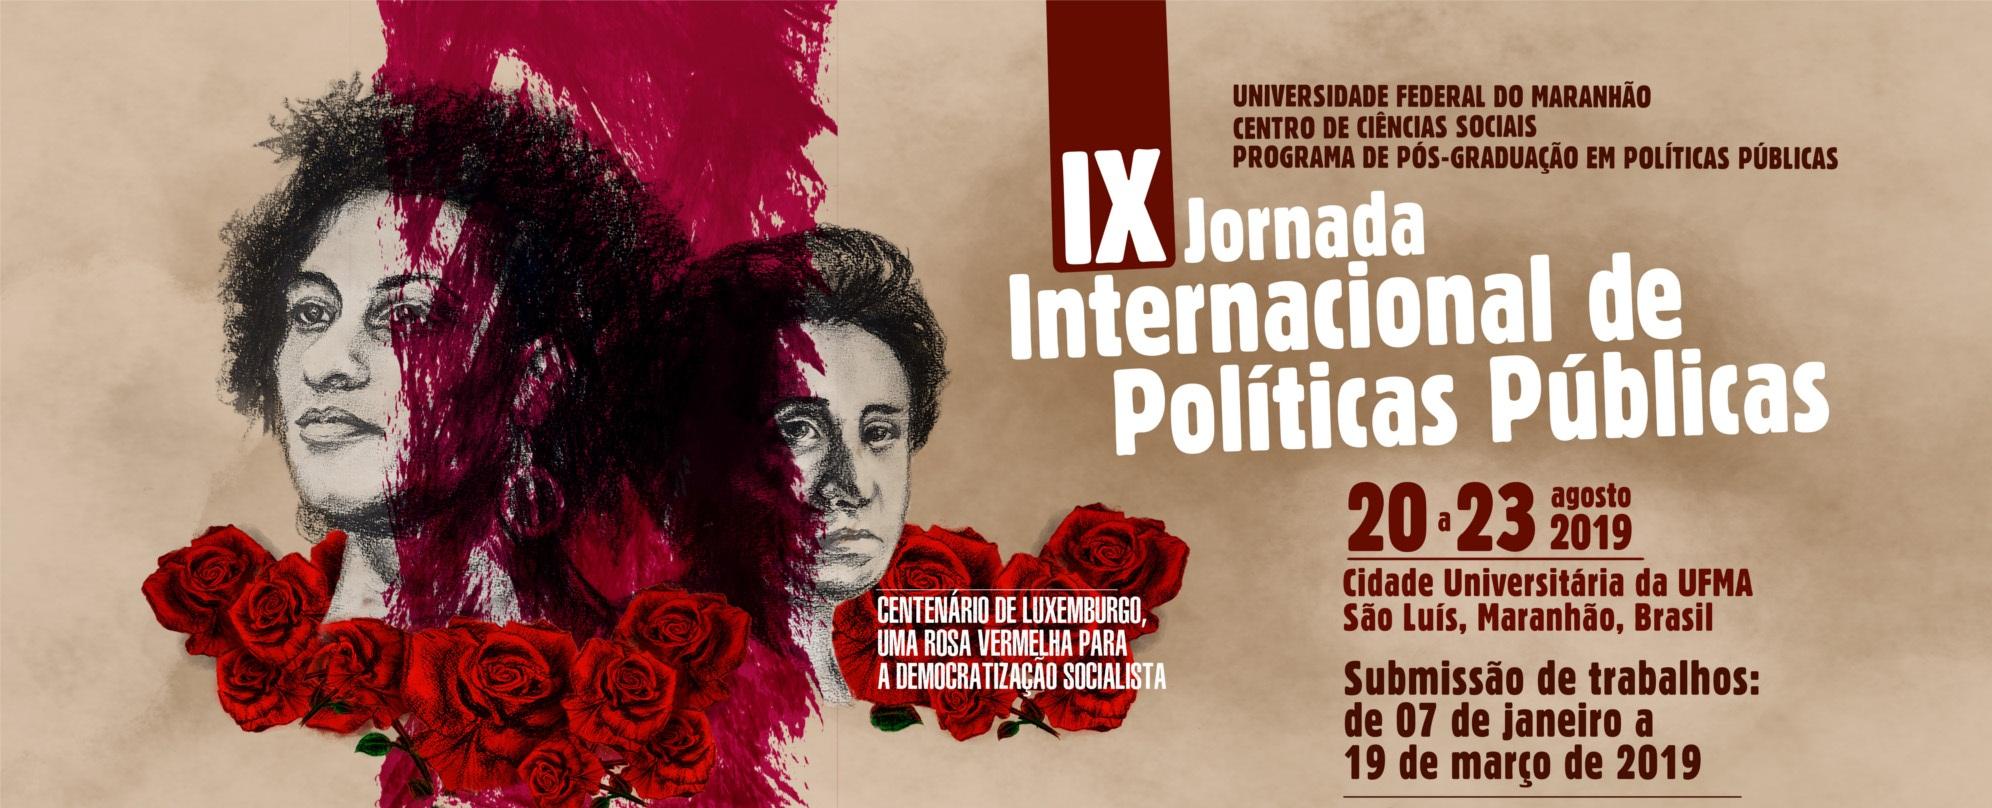 IX Jornada Internacional de Políticas Públicas